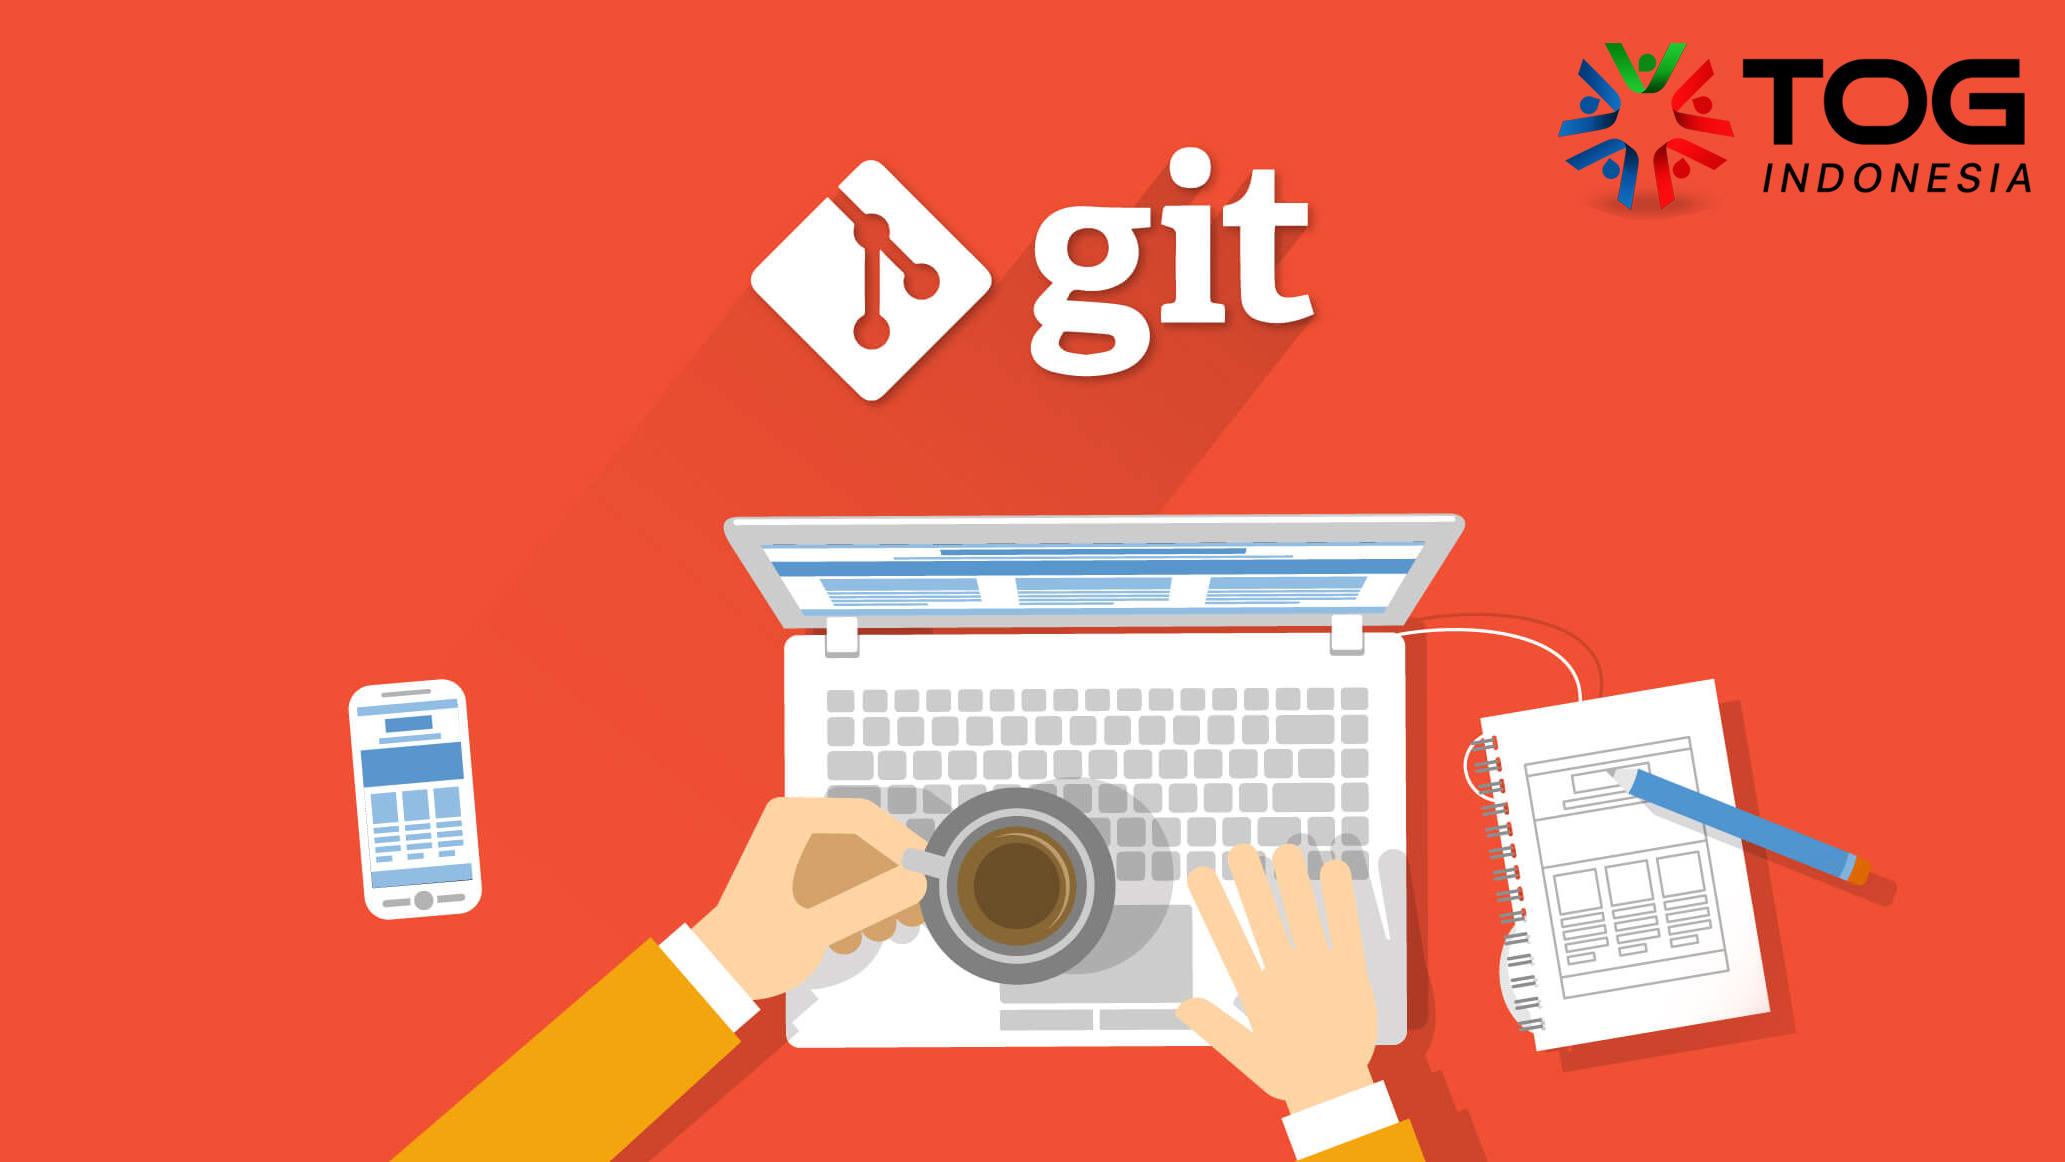 Fungsi GIT- Inilah Mengapa Programmer Zaman Now Wajib Memakai GIT